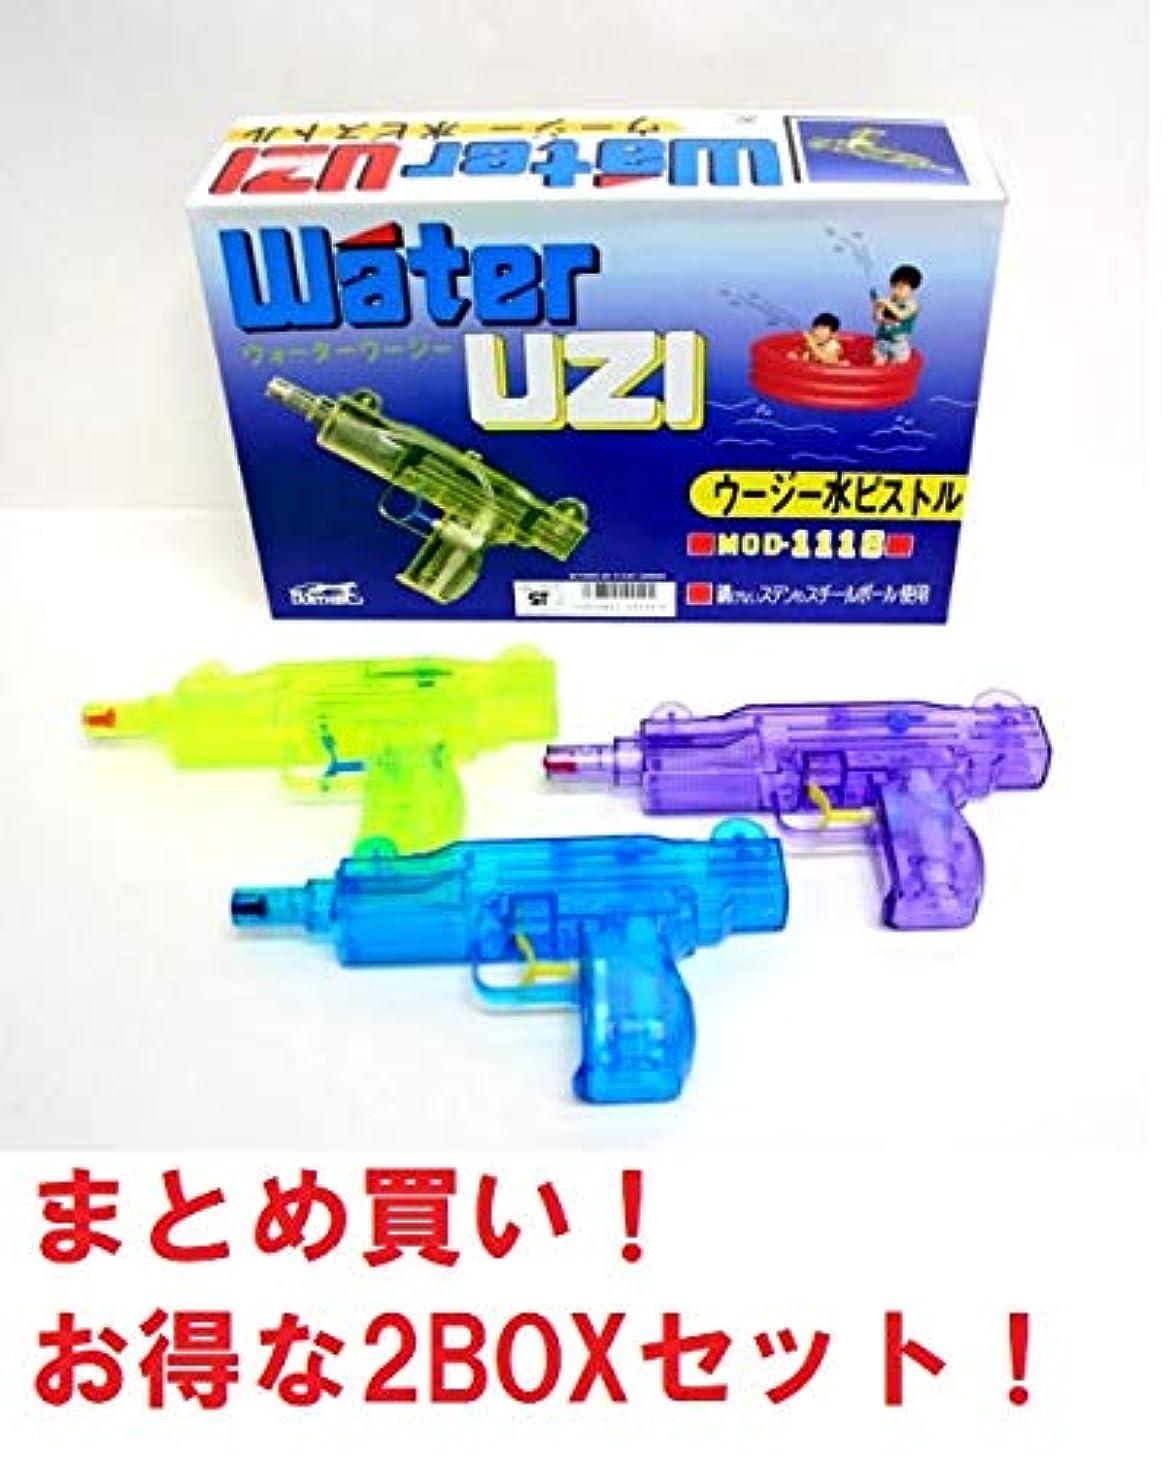 関係するカジュアル箱水鉄砲 ウージー 水ピストル 12個入り 2BOX(24個)セット 日本製 国産